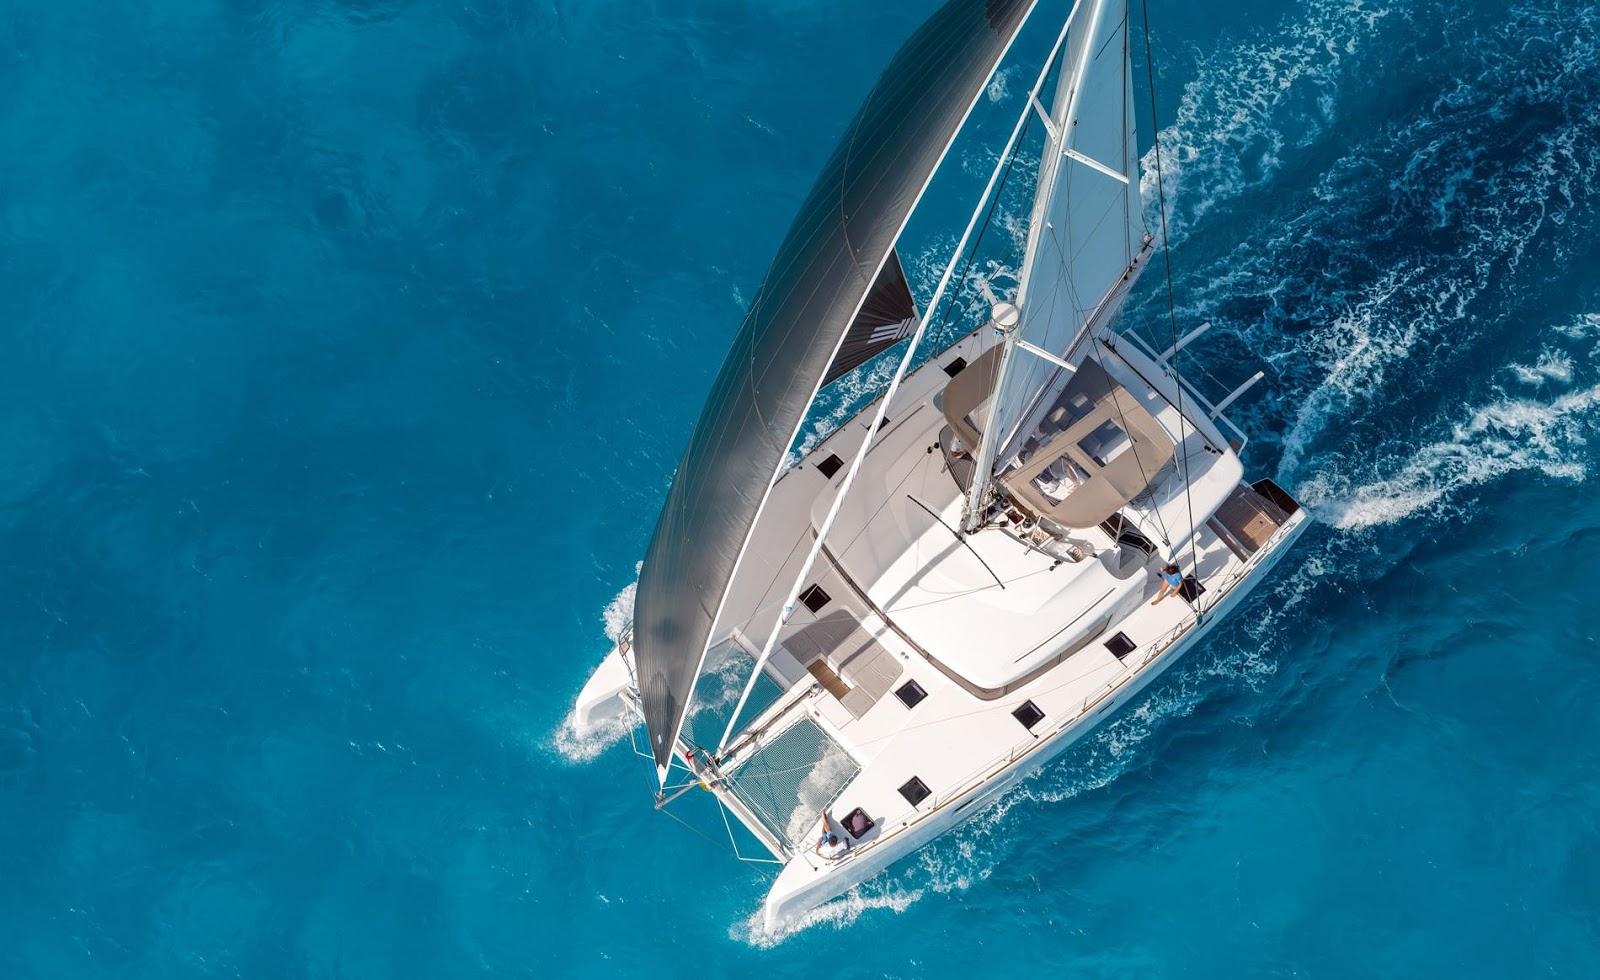 Alquiler de catamaranes en Ibiza. Alquilar catamarán en Ibiza